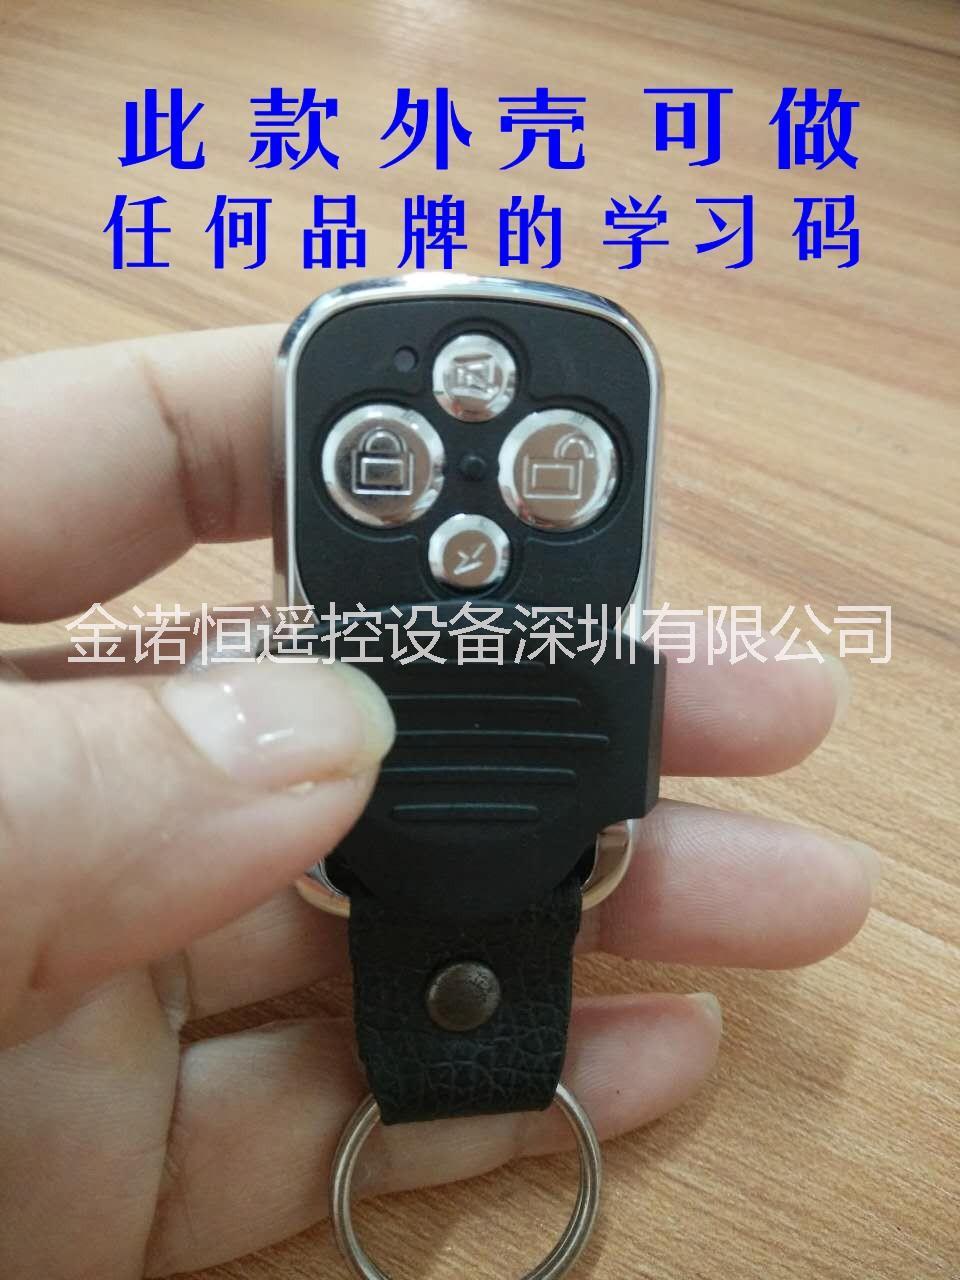 感应门遥控器图片/感应门遥控器样板图 (3)